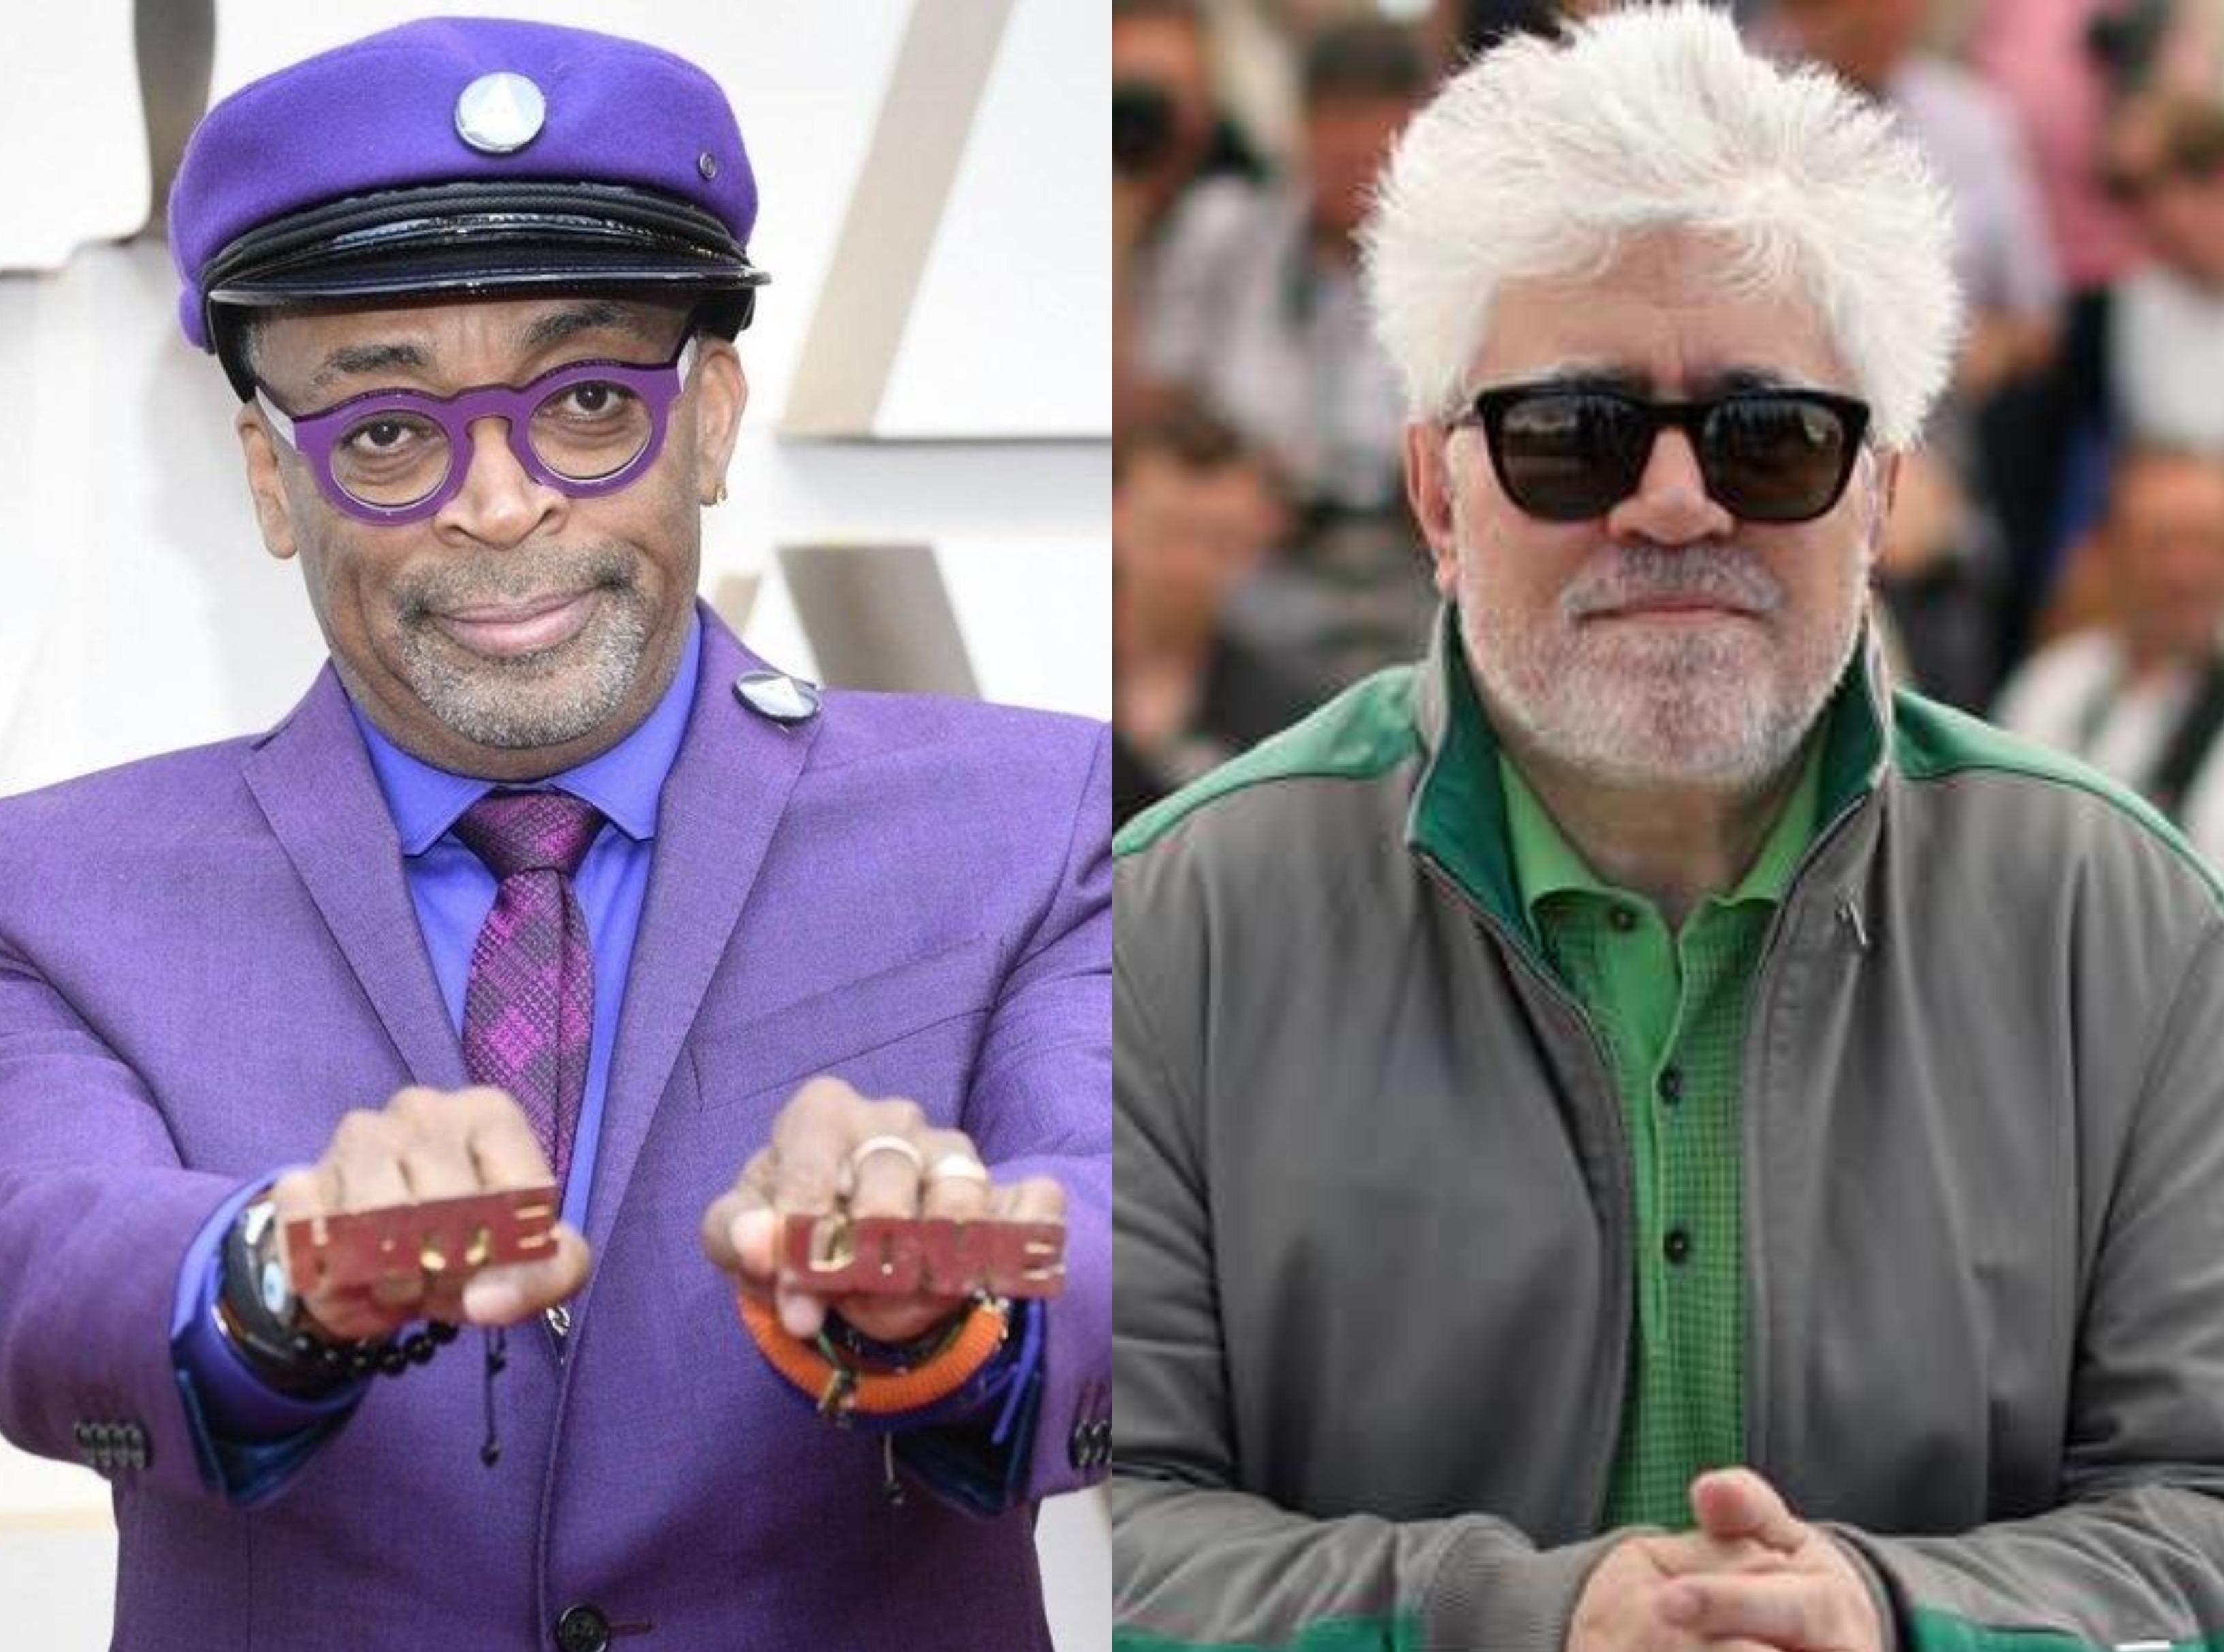 Museu do Oscar, em Los Angeles, terá Spike Lee e Pedro Almodóvar como curadores